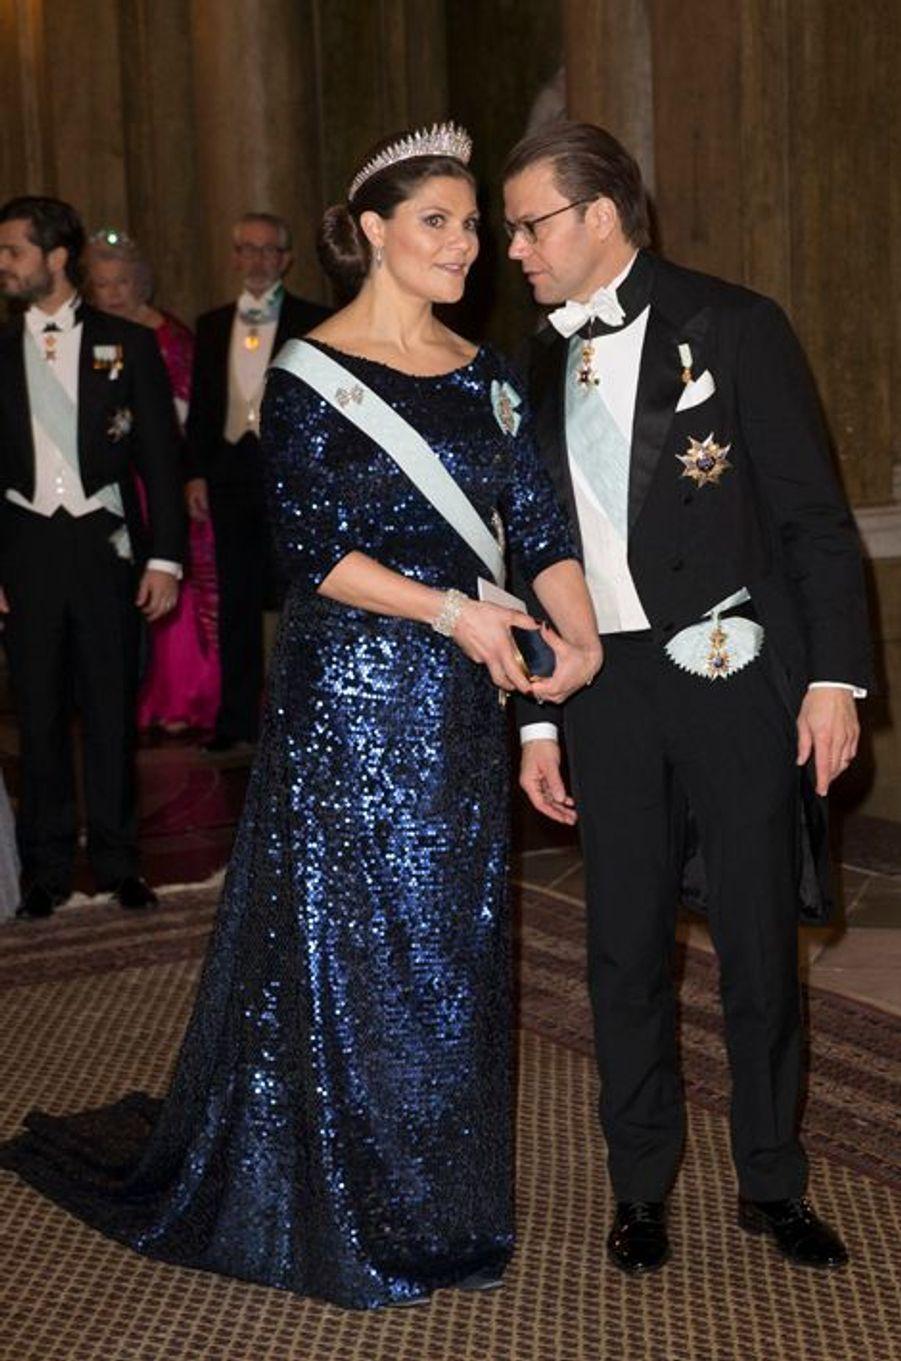 La princesse Victoria de Suède avec le prince consort Daniel, le 11 décembre 2015